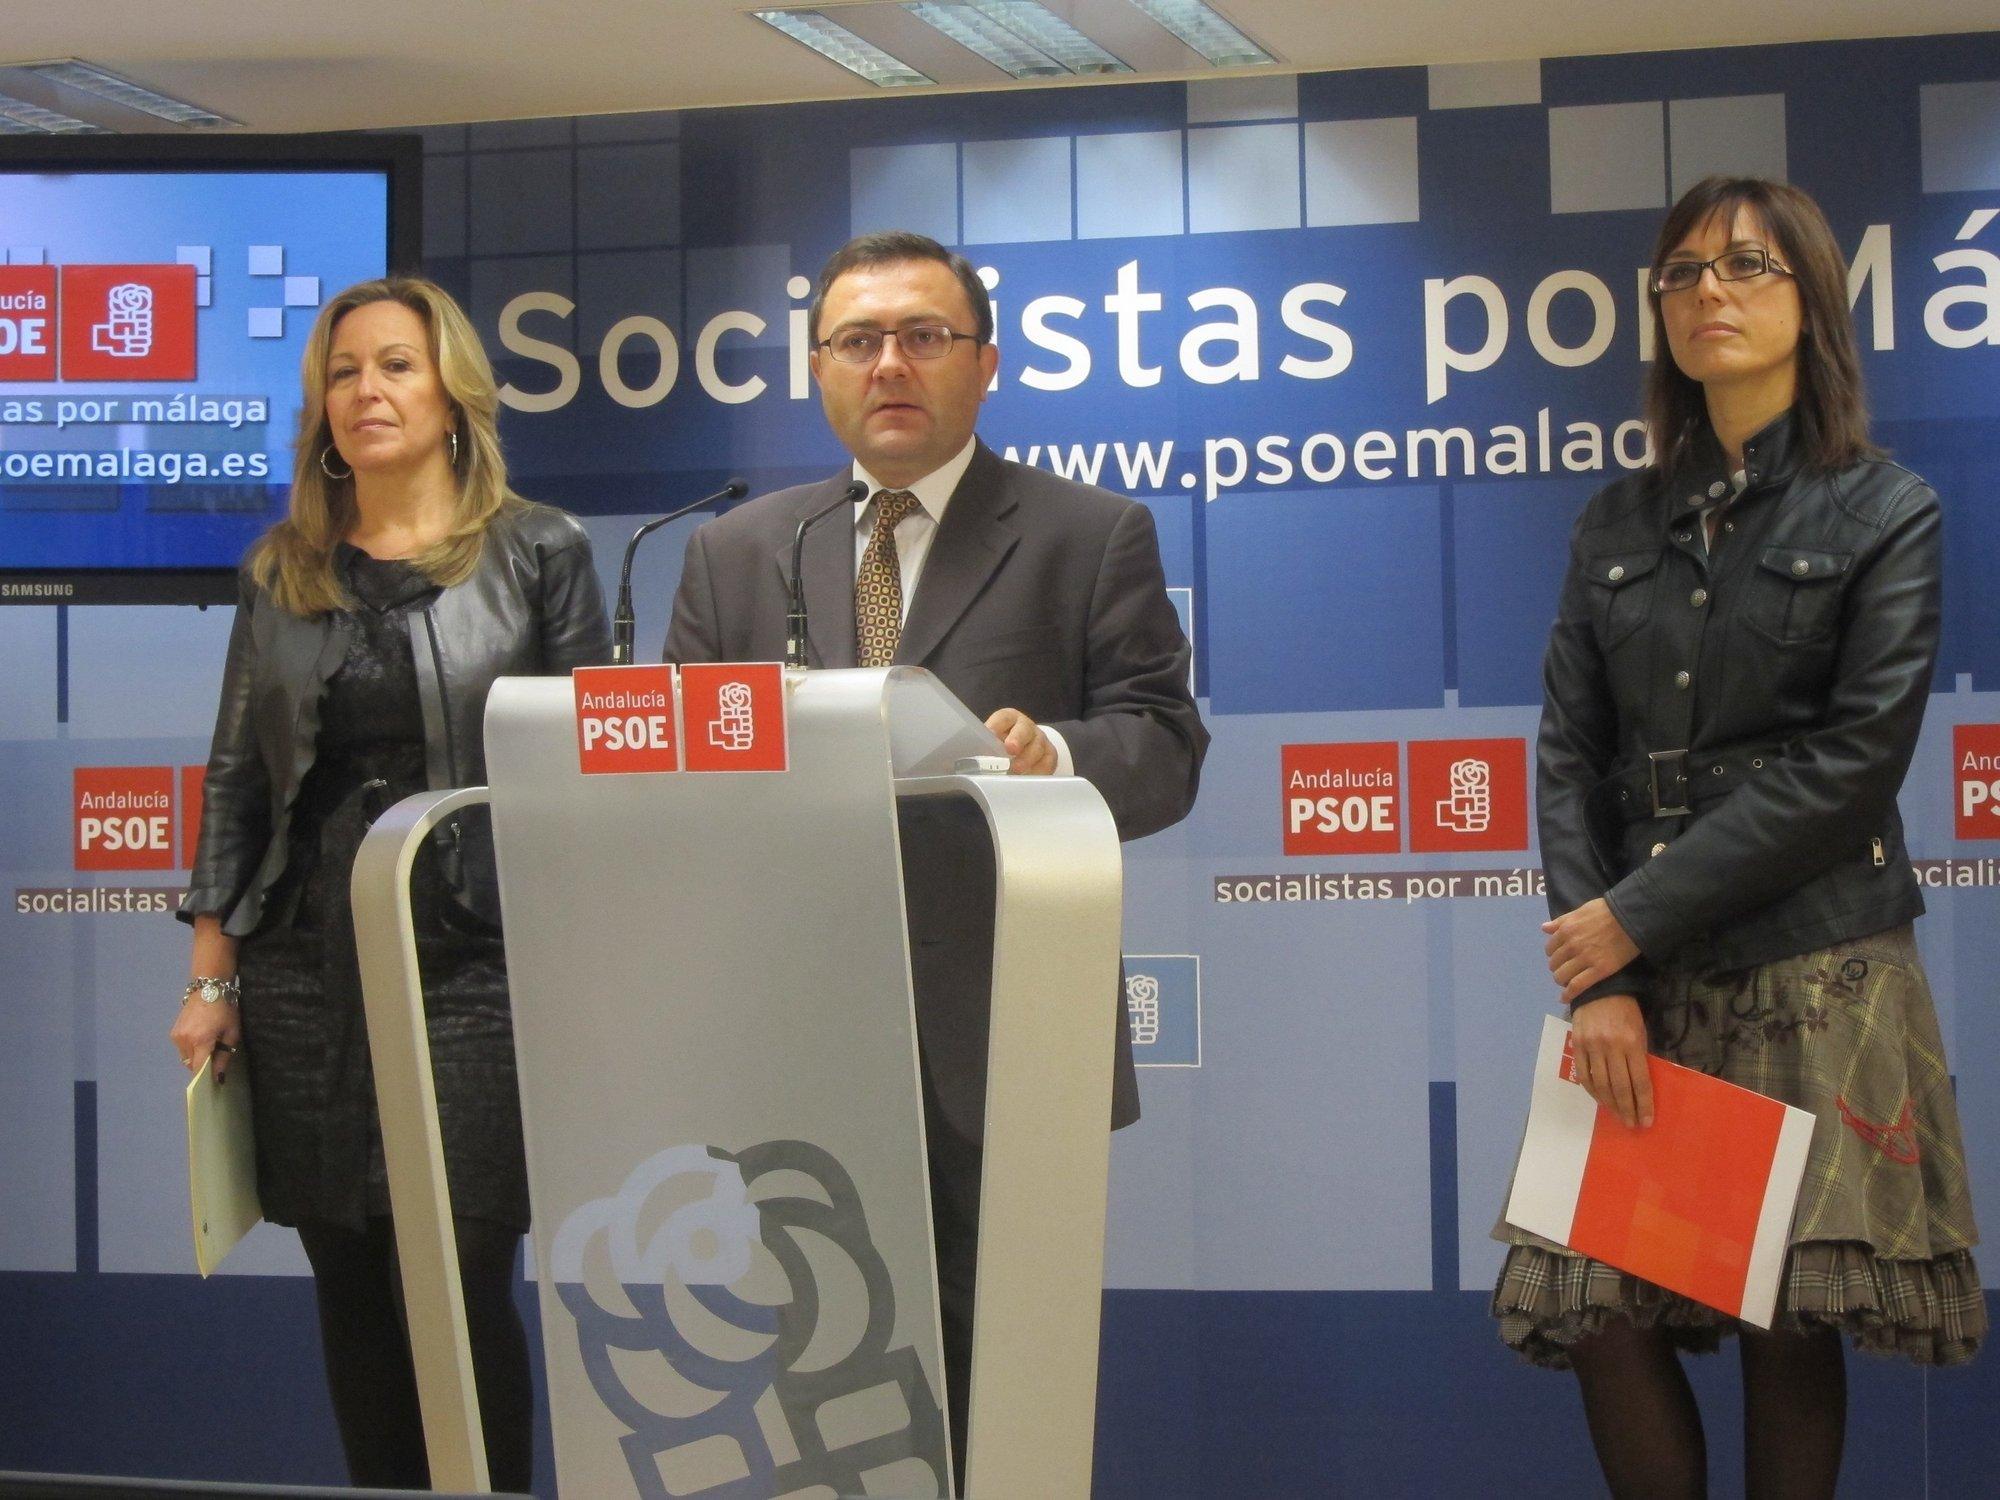 El PSOE critica «los incumplimientos y el retroceso permanente y claro de derechos y libertades» del PP